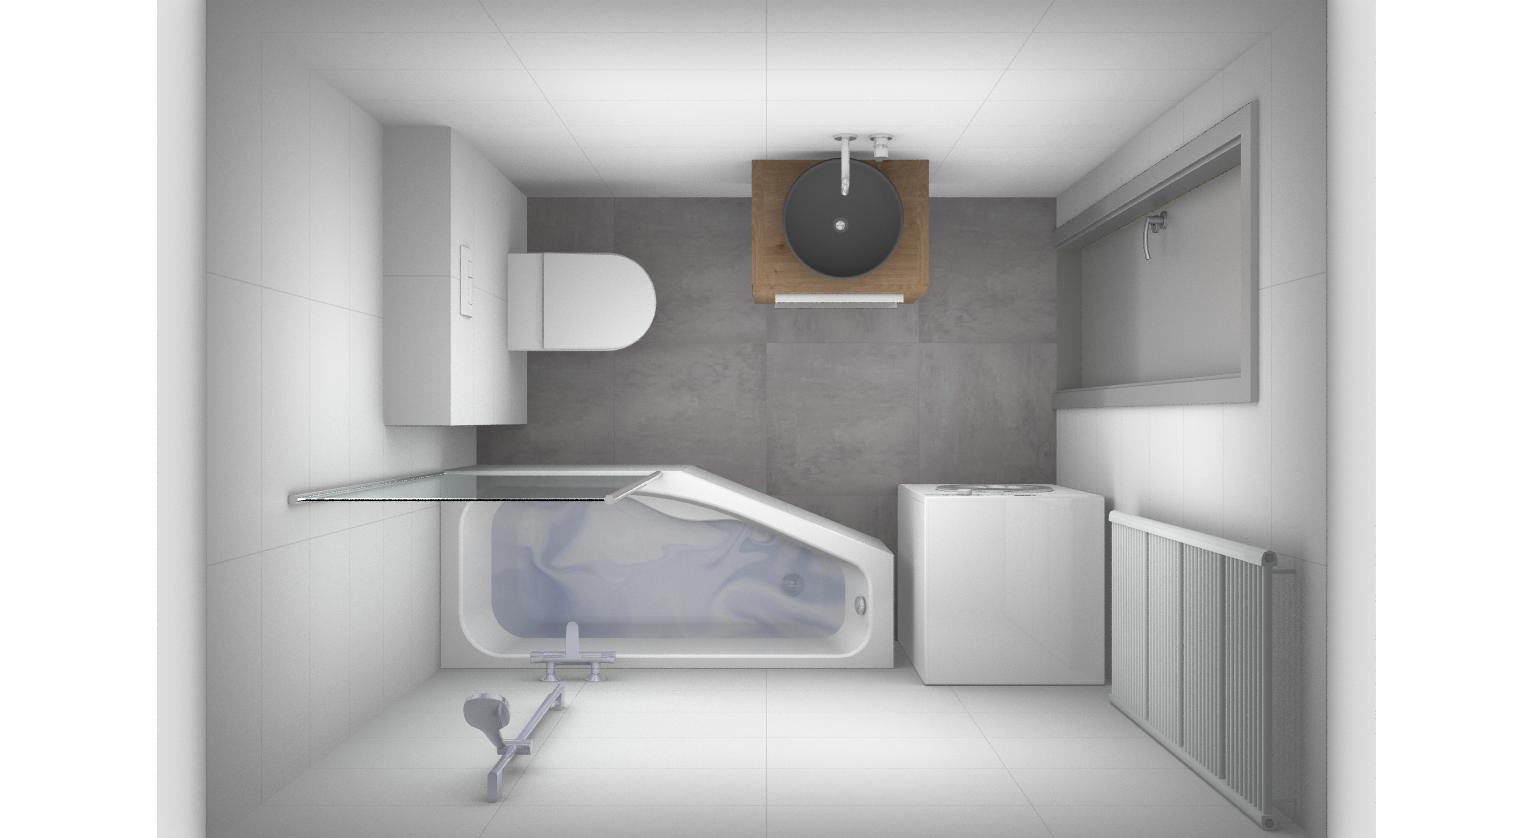 kleine badkamer met wasmachine